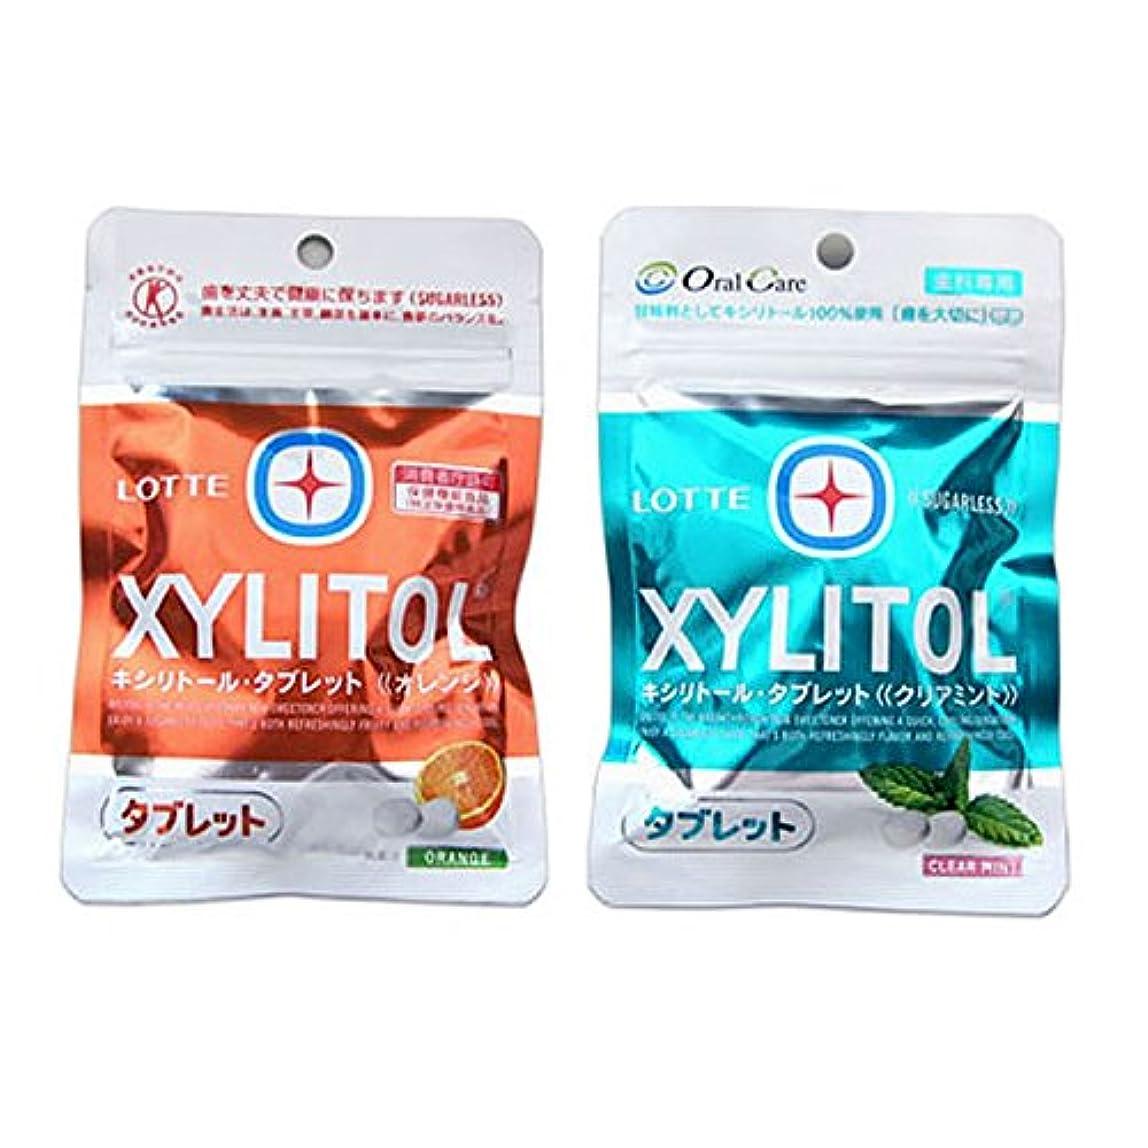 アコードテクニカルテレックスキシリトールタブレット(ラミチャック) キシリトール タブレット ラミチャック 3袋 場 クリアミント1袋+オレンジ2袋 -